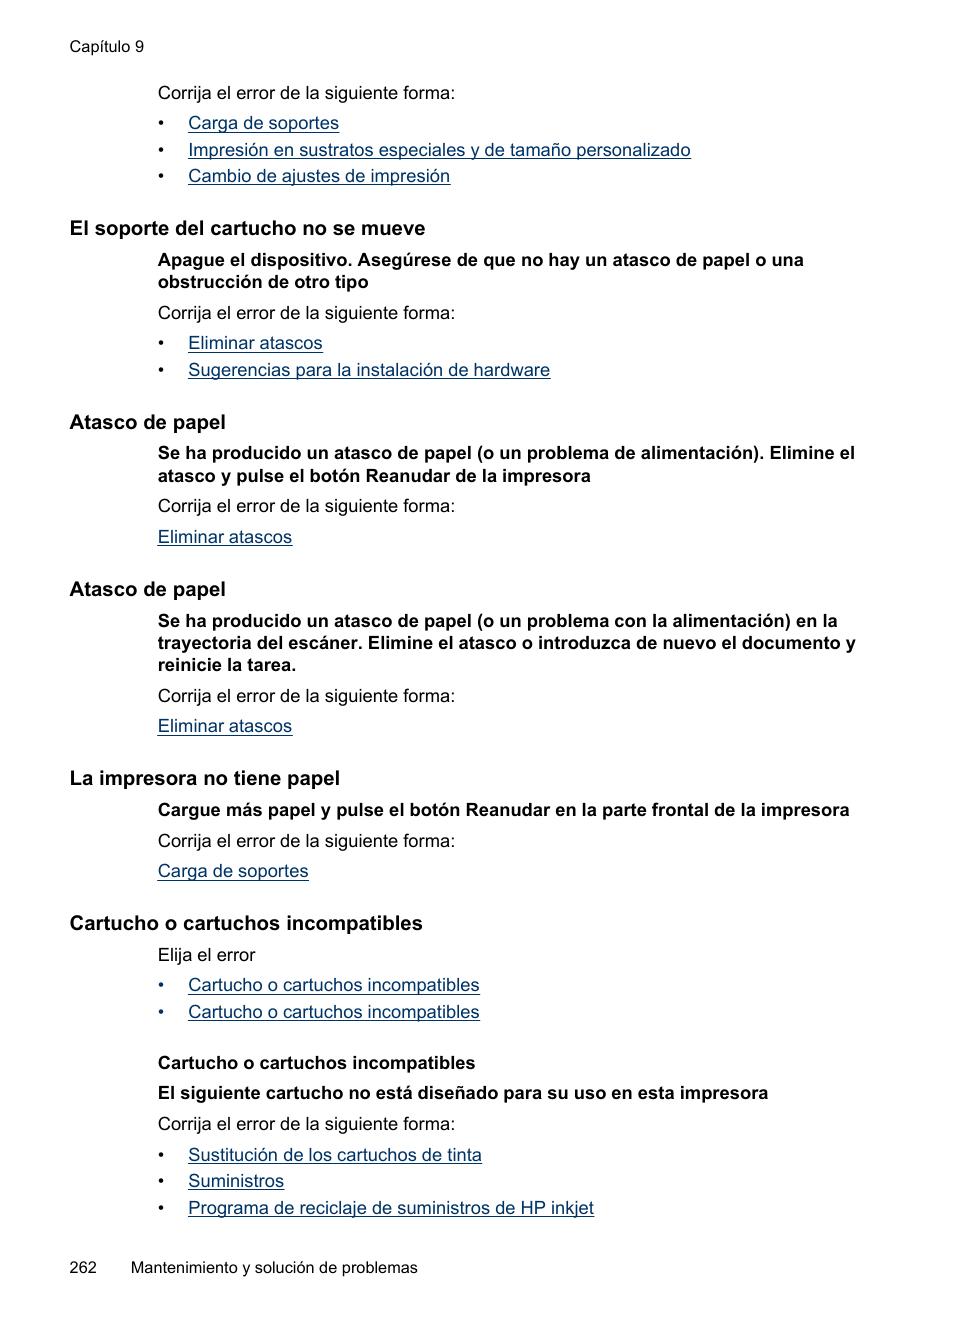 Asombroso Reanudar Sugerencias Festooning - Colección De ...